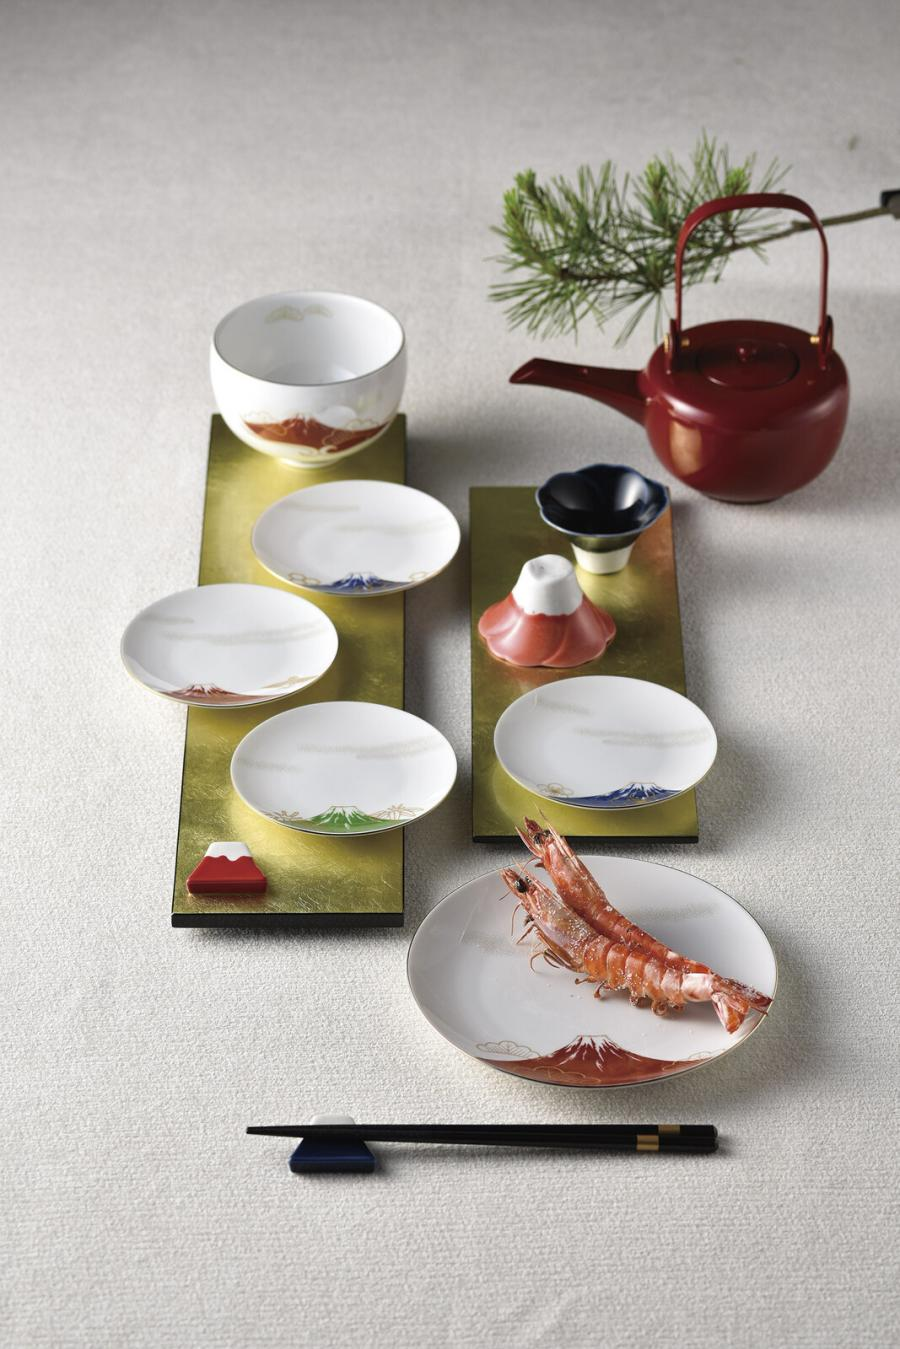 美濃燒節慶富士山碗及酒杯禮盒(日本直送)